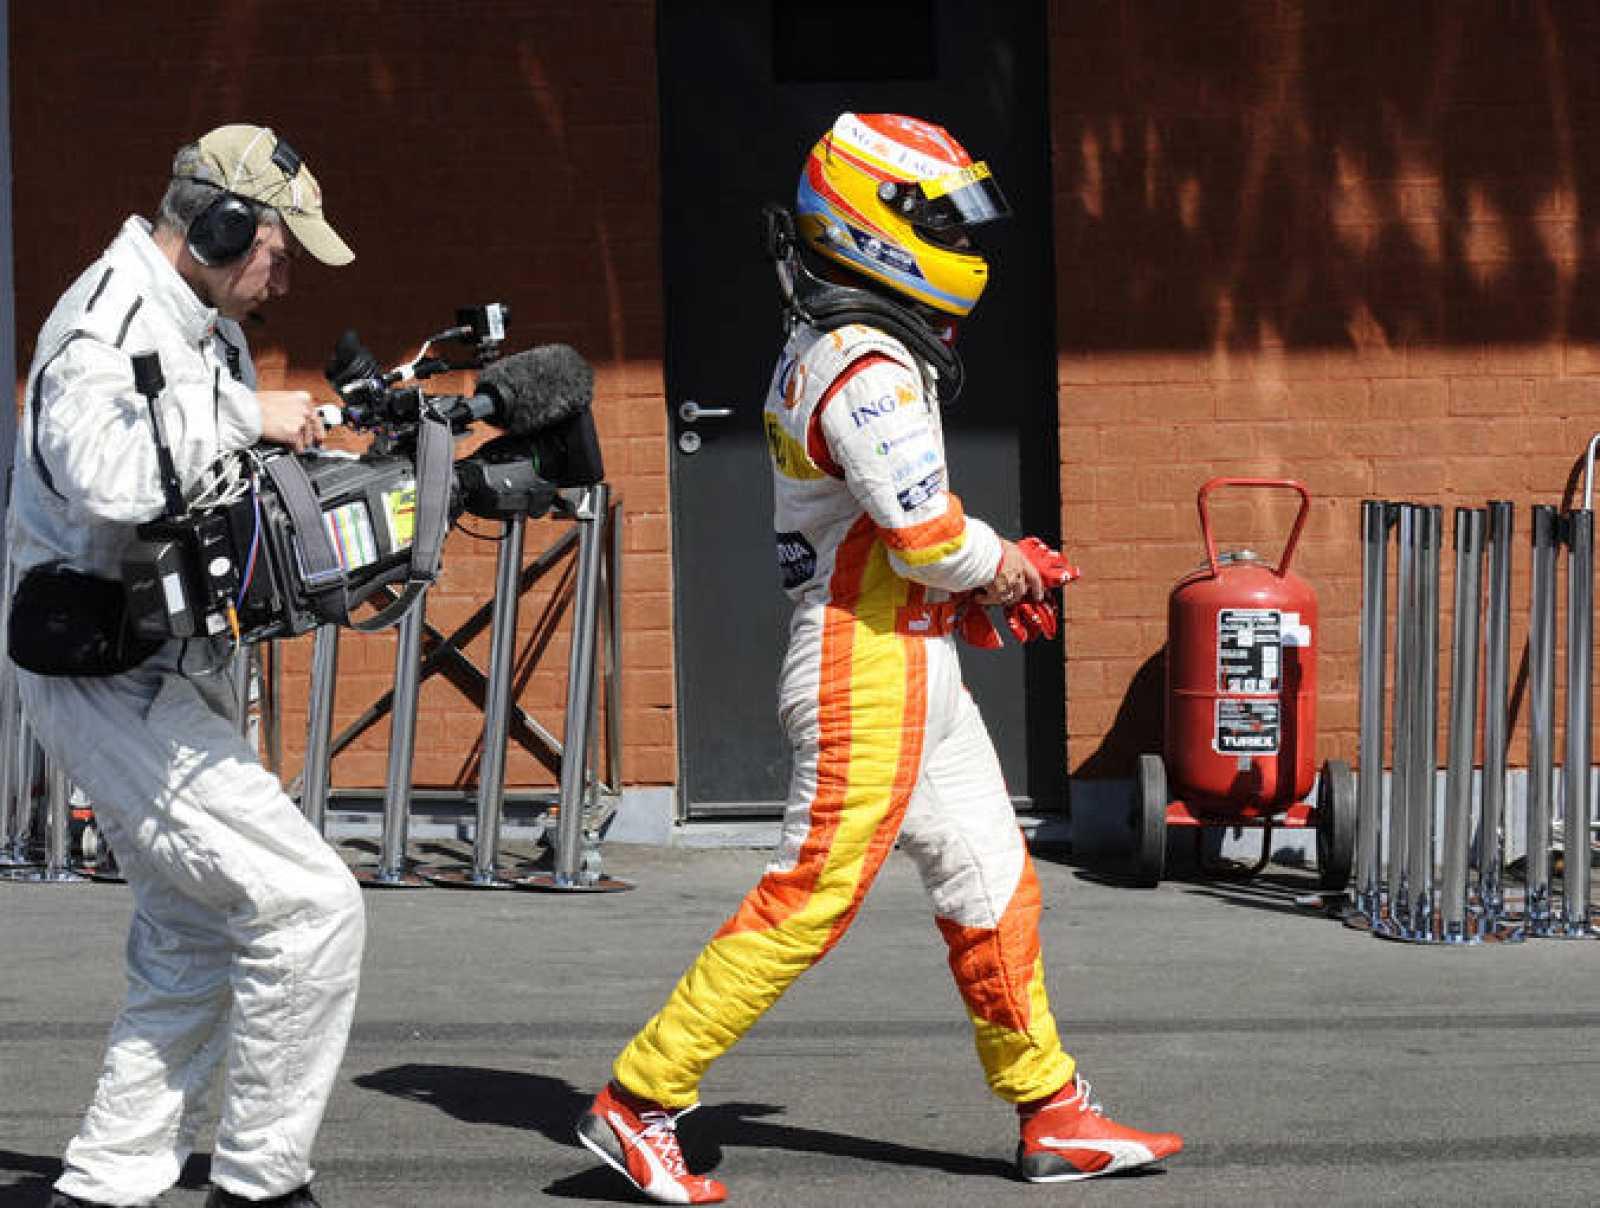 La mala suerte se ha vuelto a cebar con Fernando Alonso en el circuito de Spa.